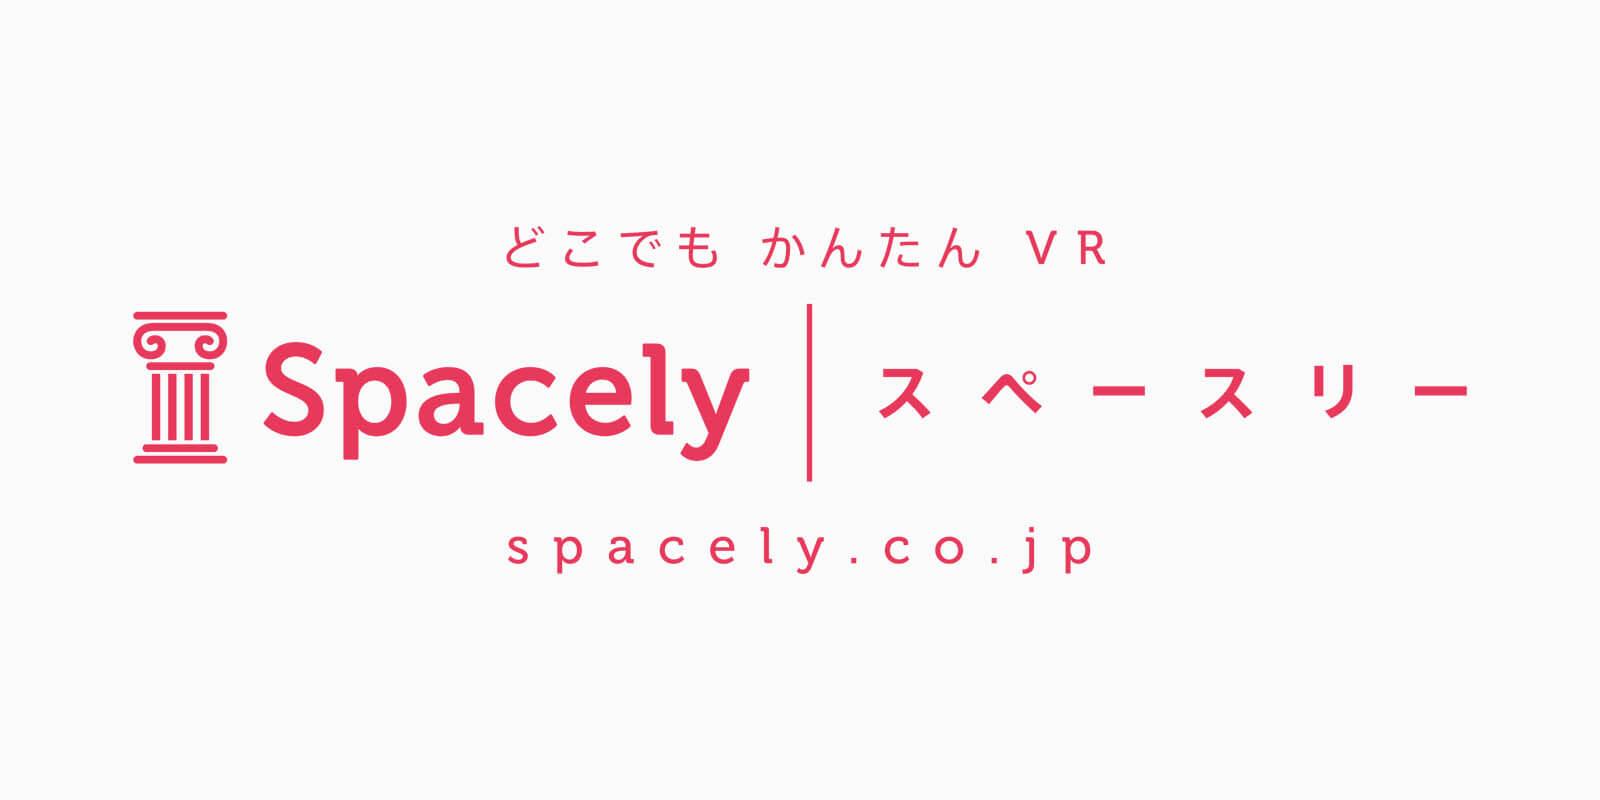 3D StyleeがSpacely(スペースリー)に社名とサービス名を変更